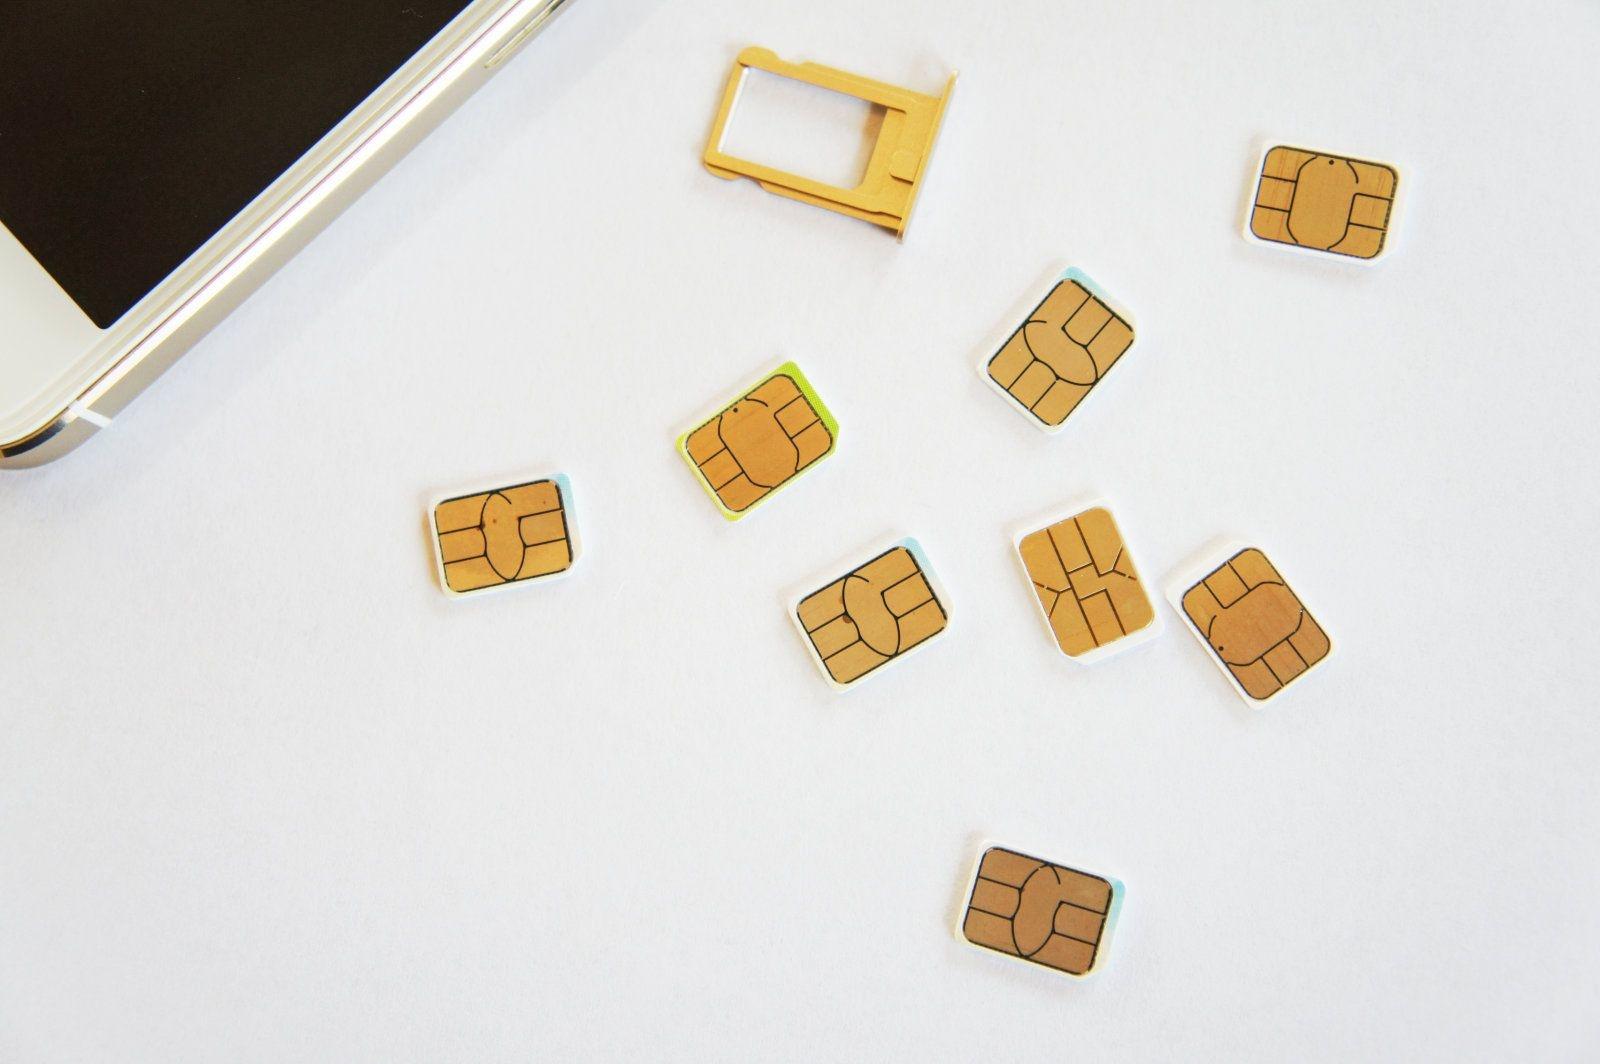 Hablemos de SIM Swapping y suplantación de identidades | Techcetera